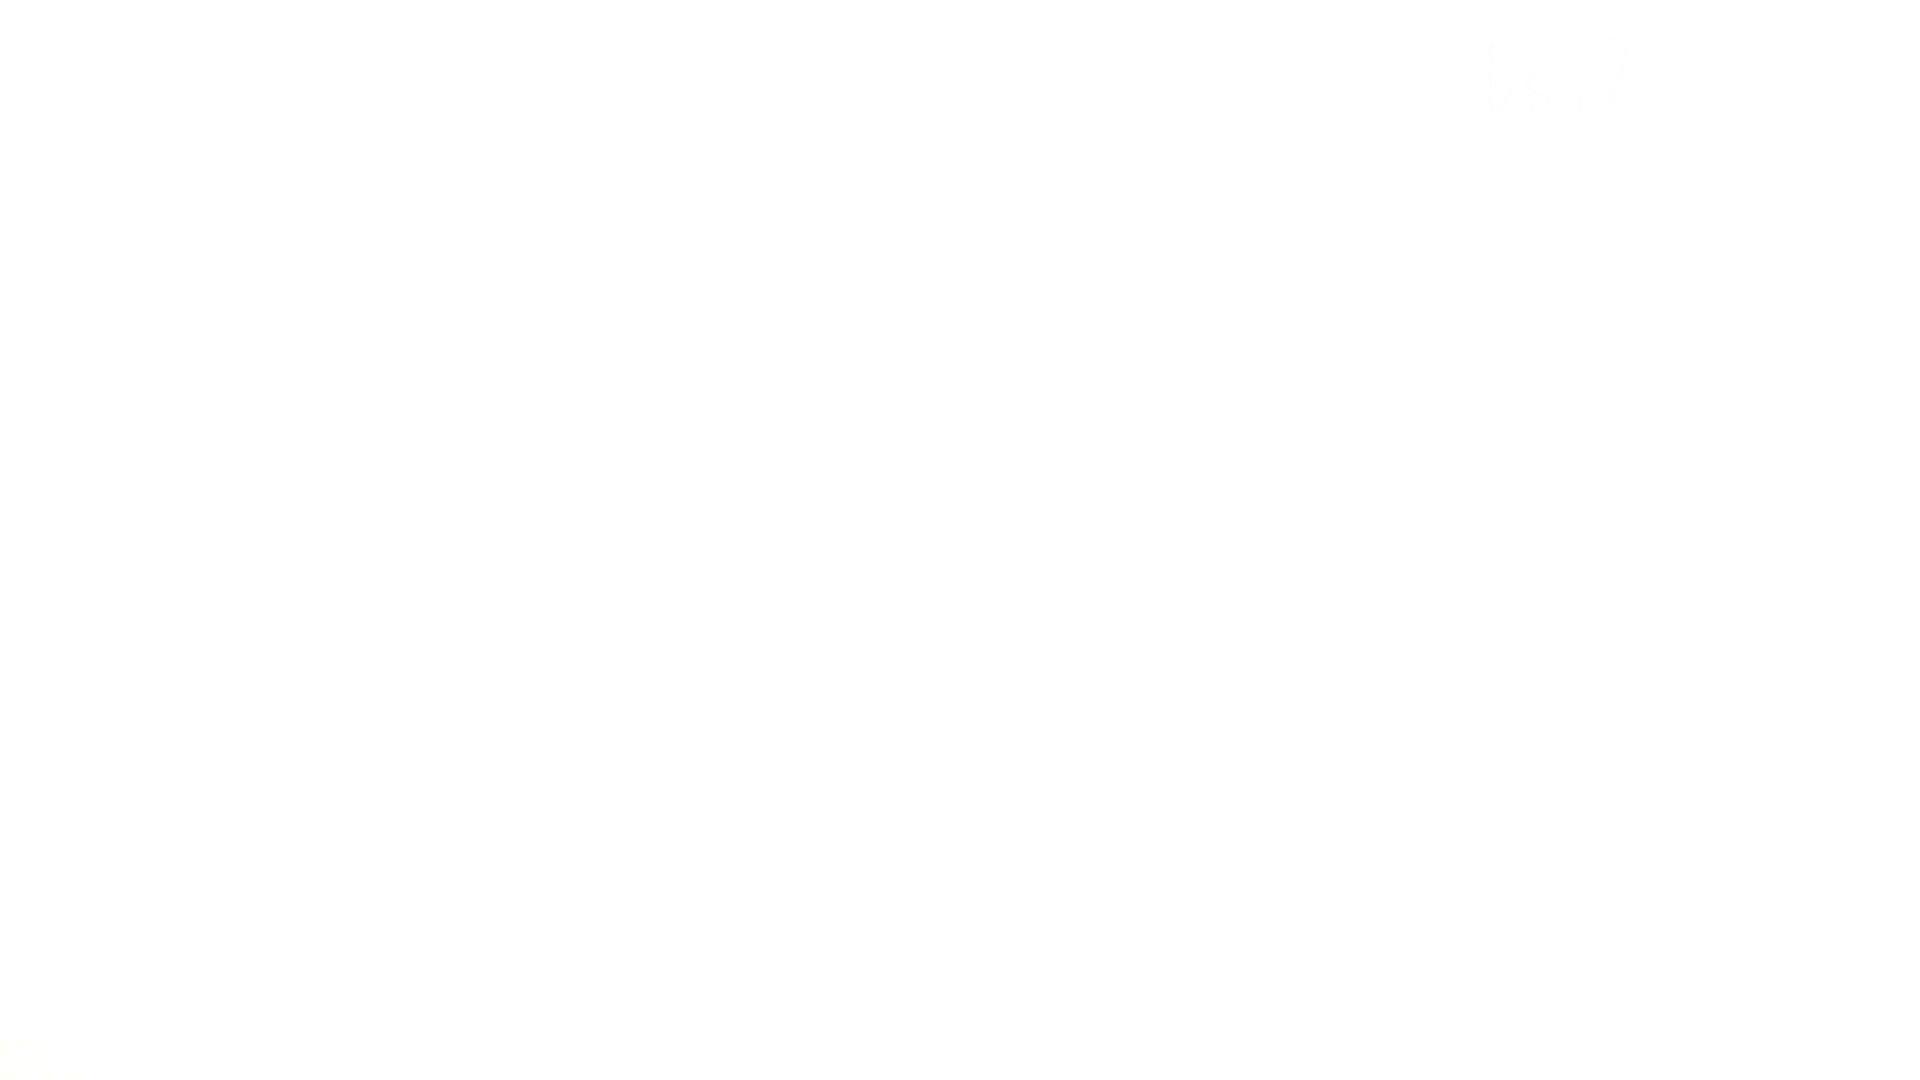 ナースのお小水 vol.002 お姉さんの下半身 | ナースのエロ動画  106PIX 51